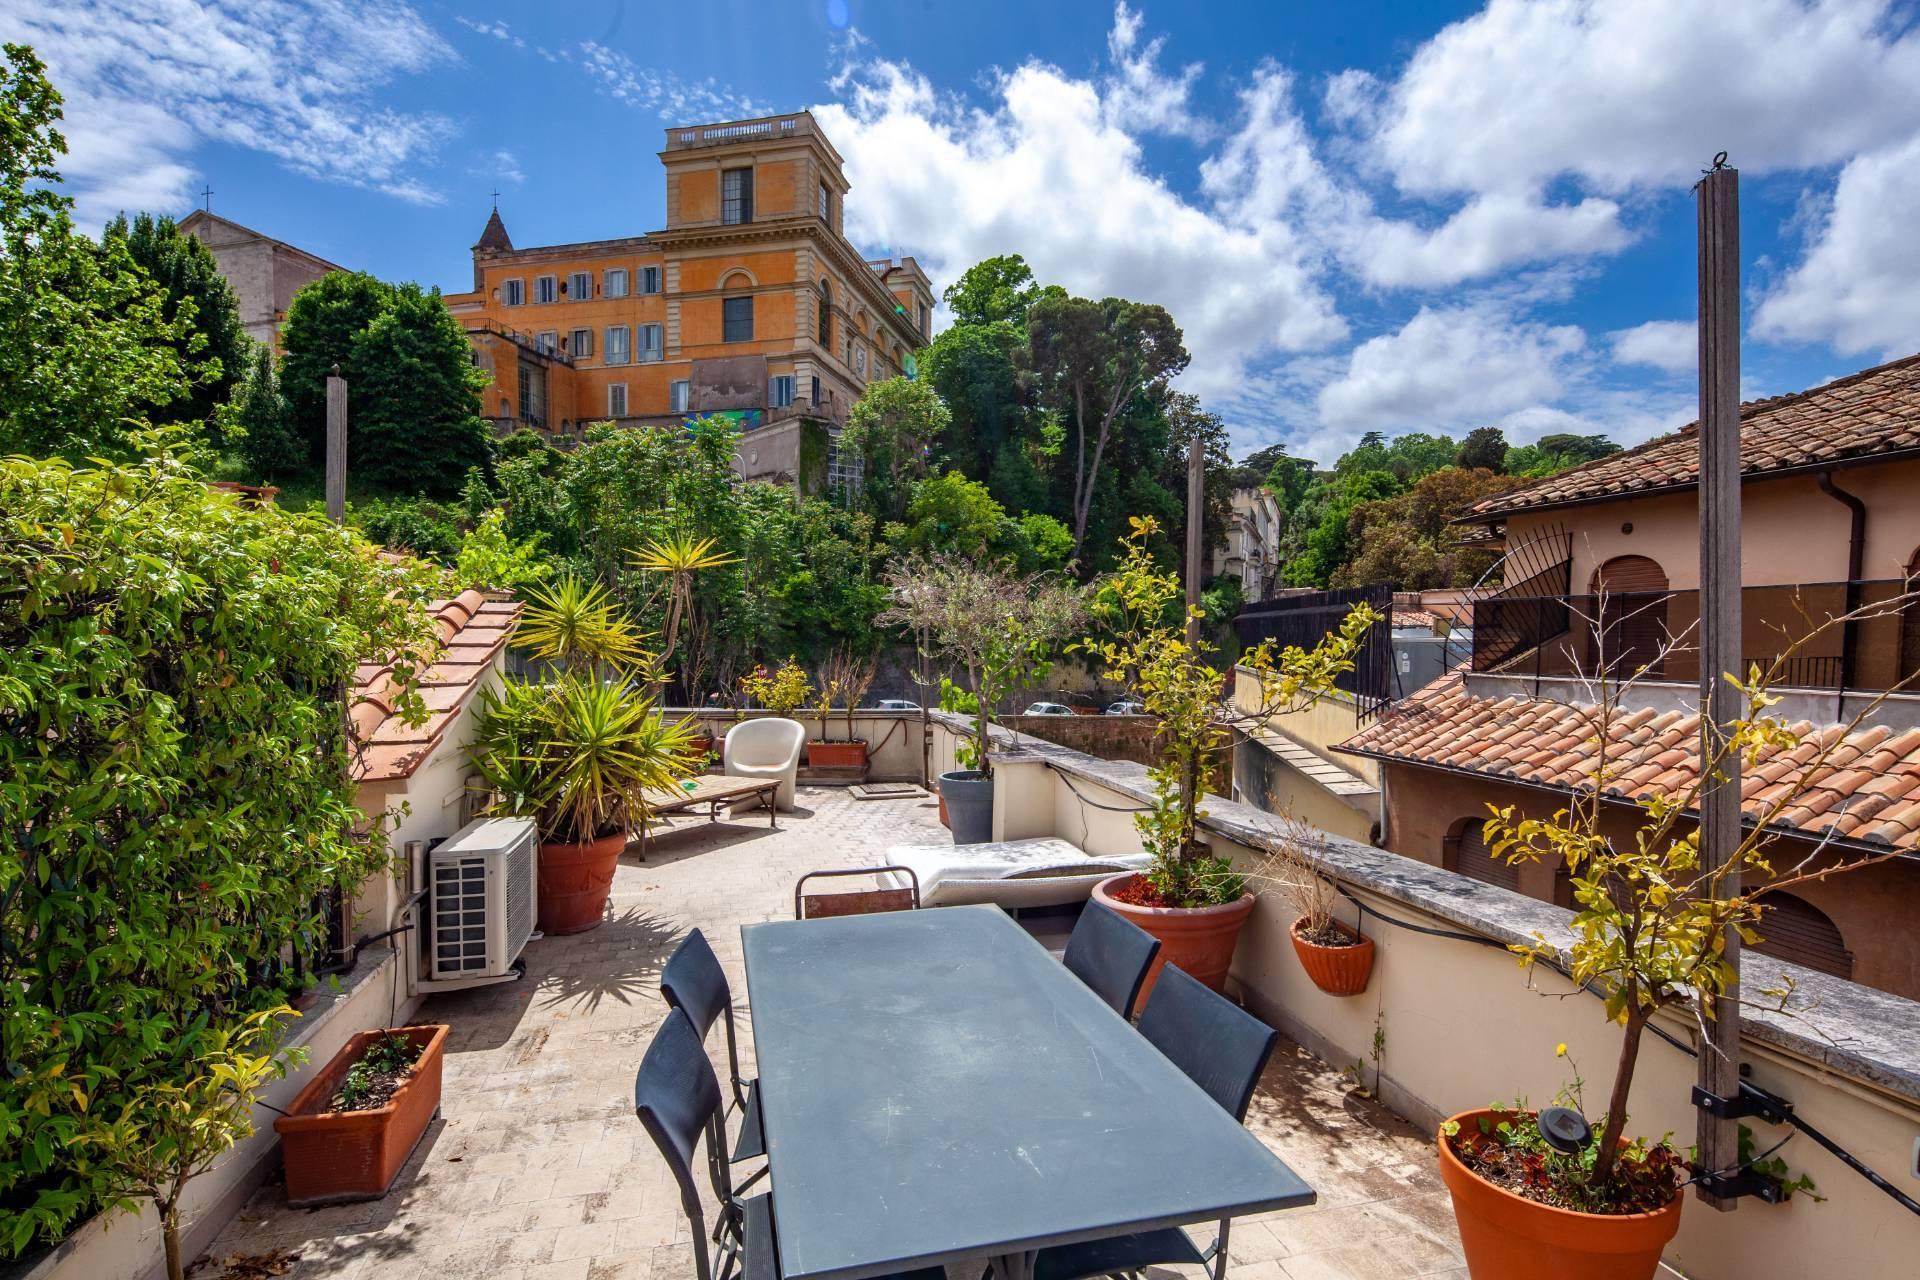 Appartamento in Vendita a Roma: 2 locali, 60 mq - Foto 1